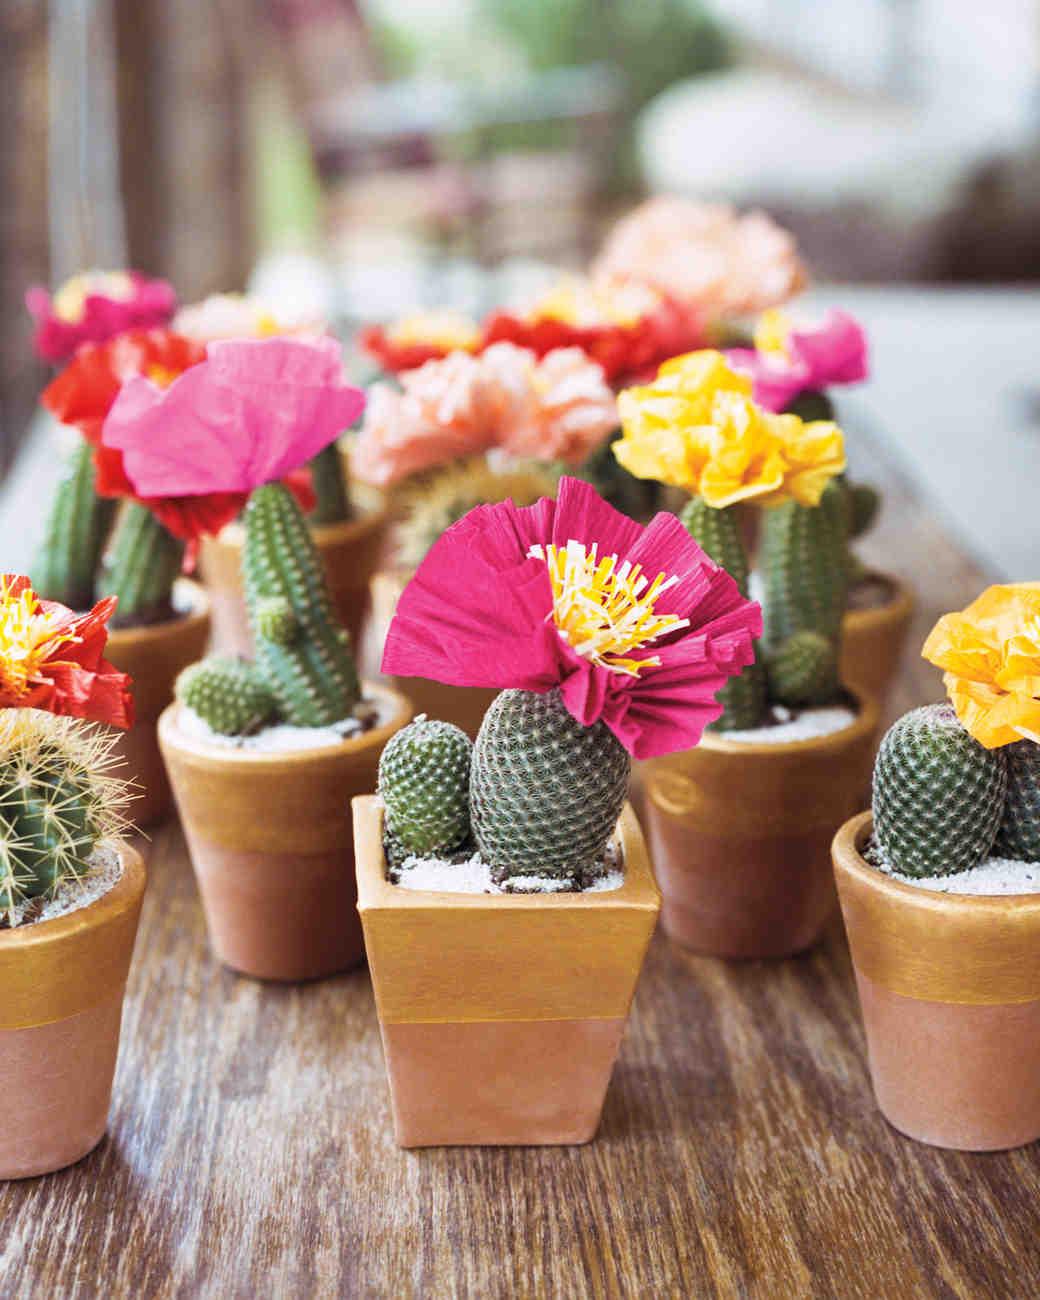 kate-michael-cacti-04-06n-mwd110537.jpg